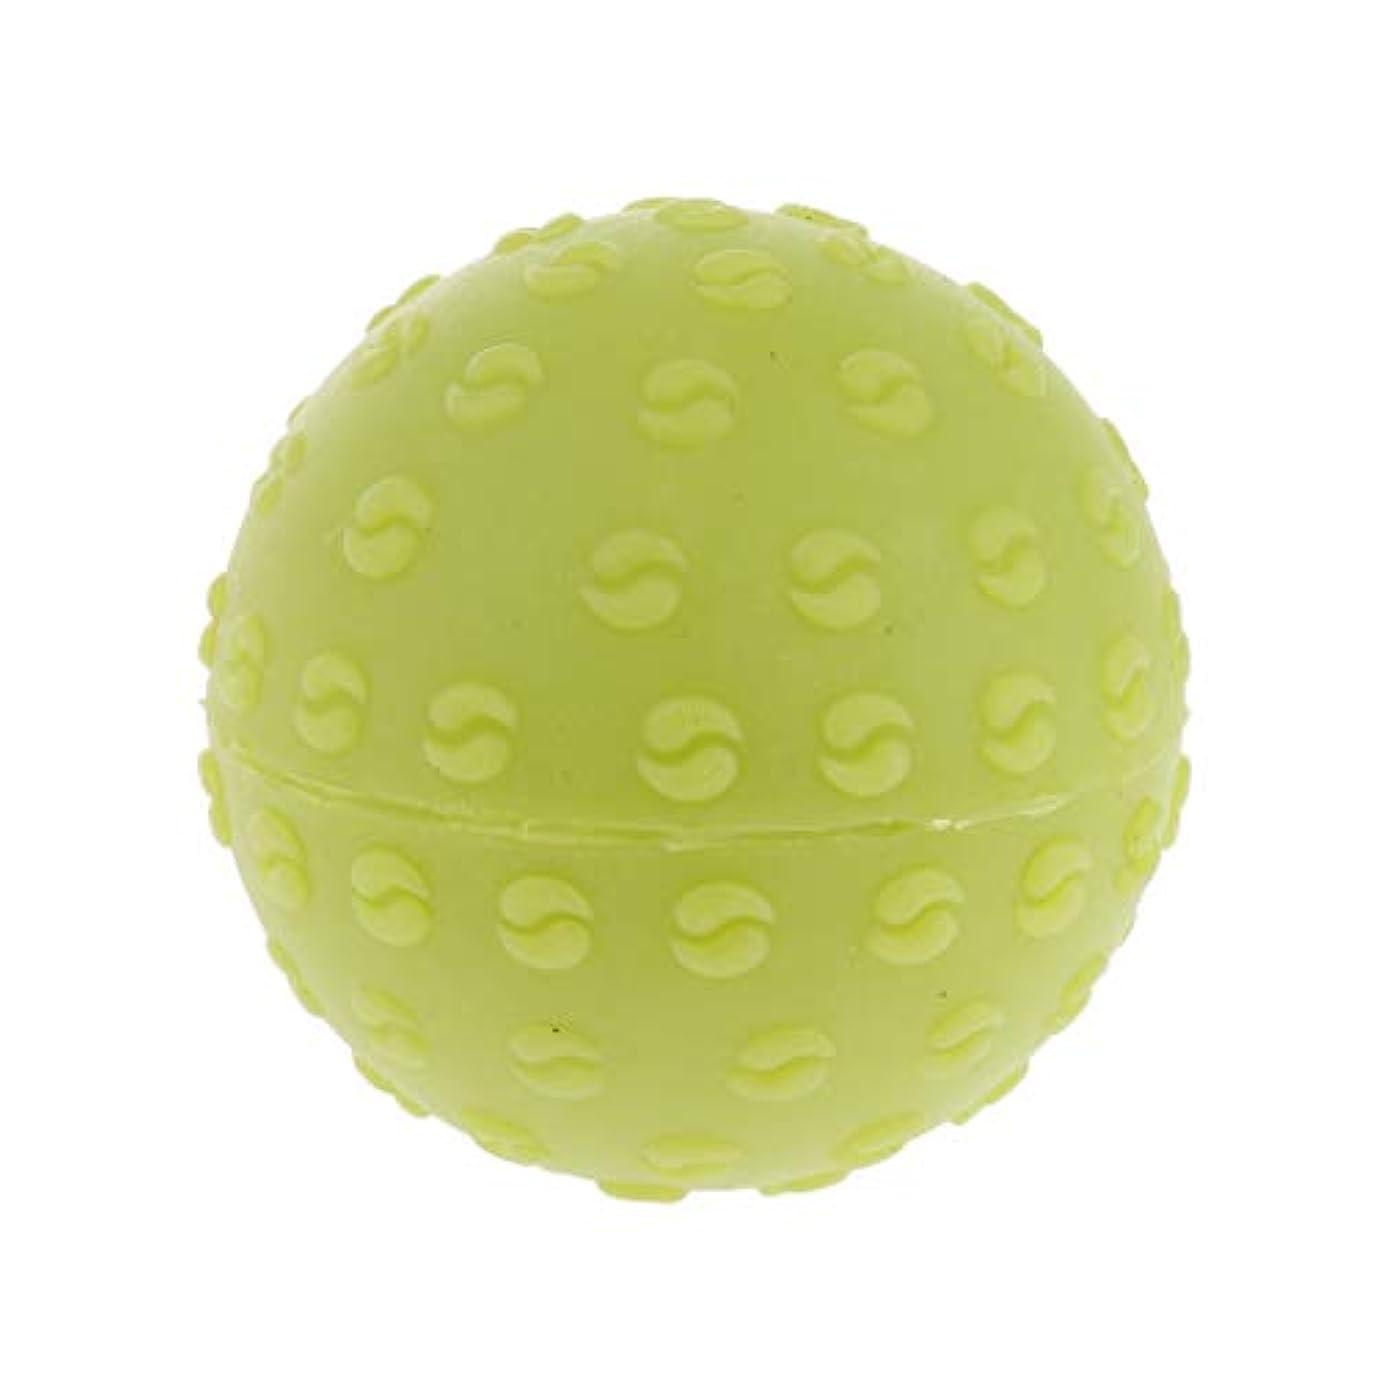 安心させる既婚増強D DOLITY マッサージボール 指圧ボール シリコーン トリガーポイント 足底筋膜炎 ヨガ 快適 全6色 - 緑, 説明のとおり